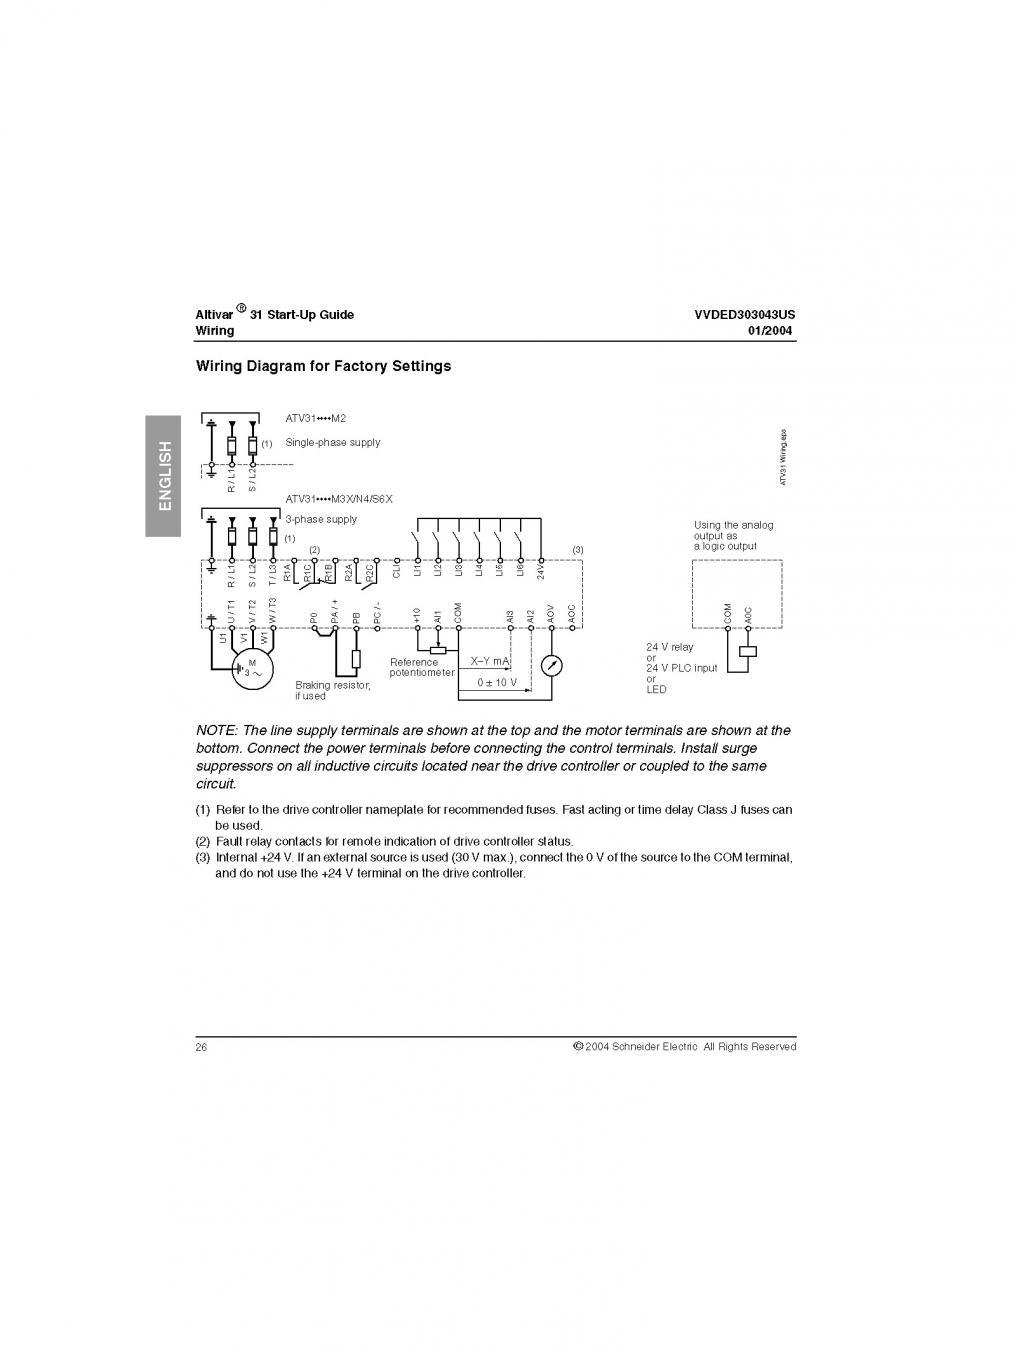 Wiring External Controls To Vfd  Altivar 31